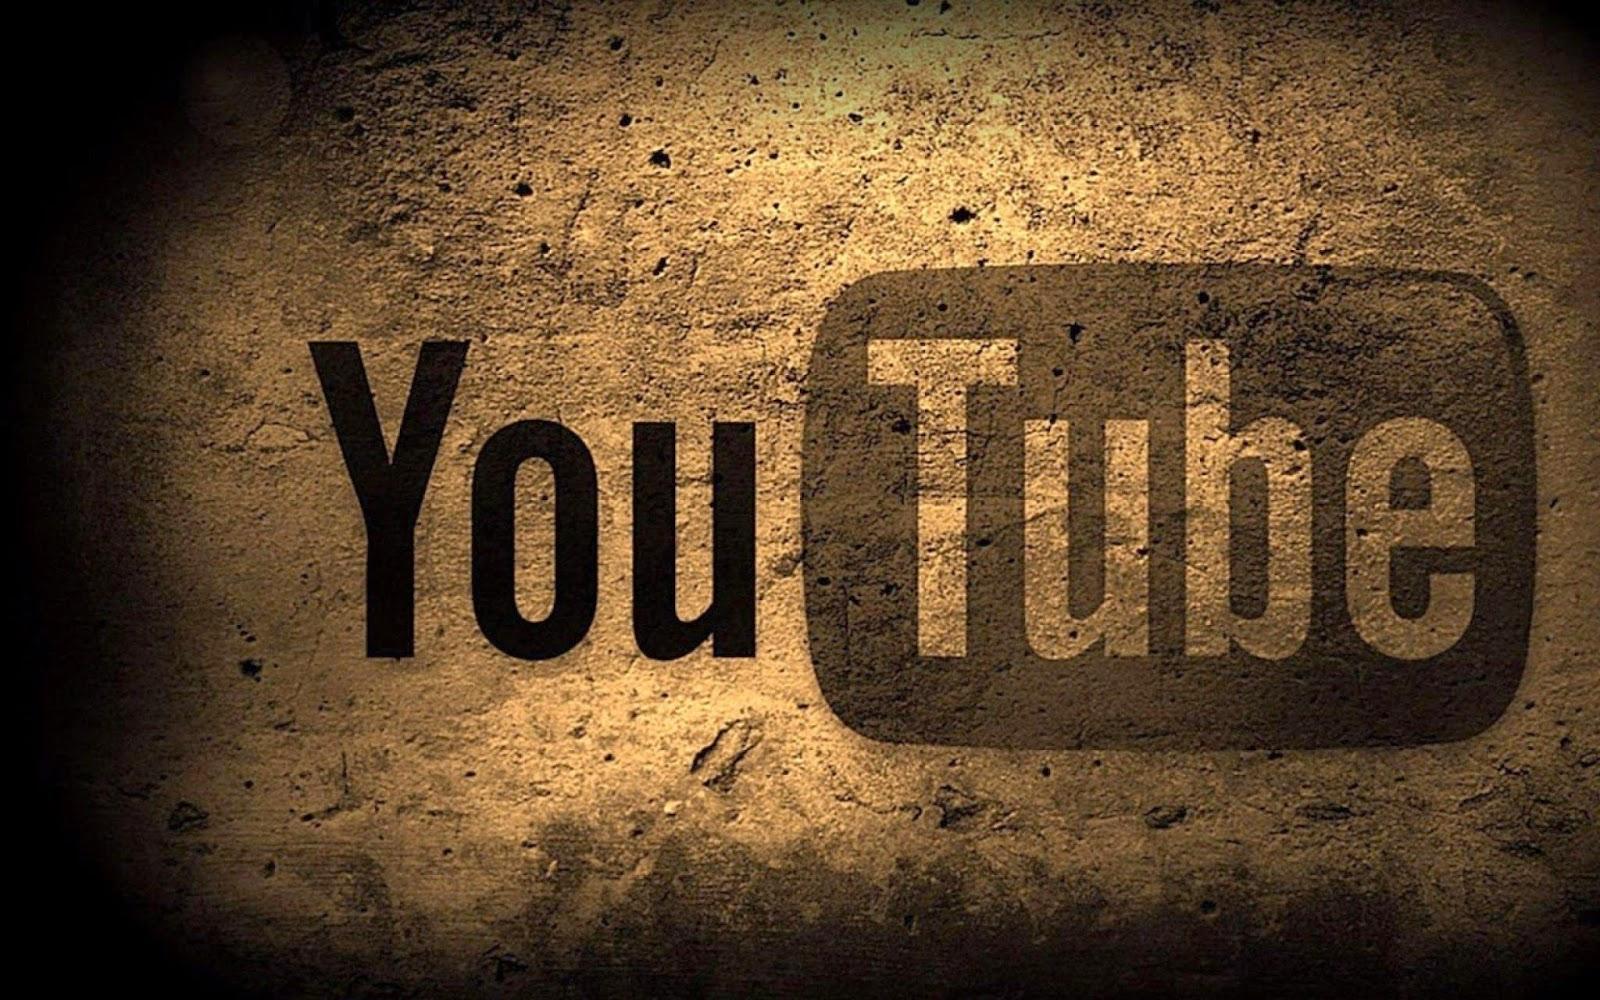 بالصور خلفيات يوتيوب جاهزة , اقوى واحدث الخلفيات الرائعه لليوتيوب 5012 6